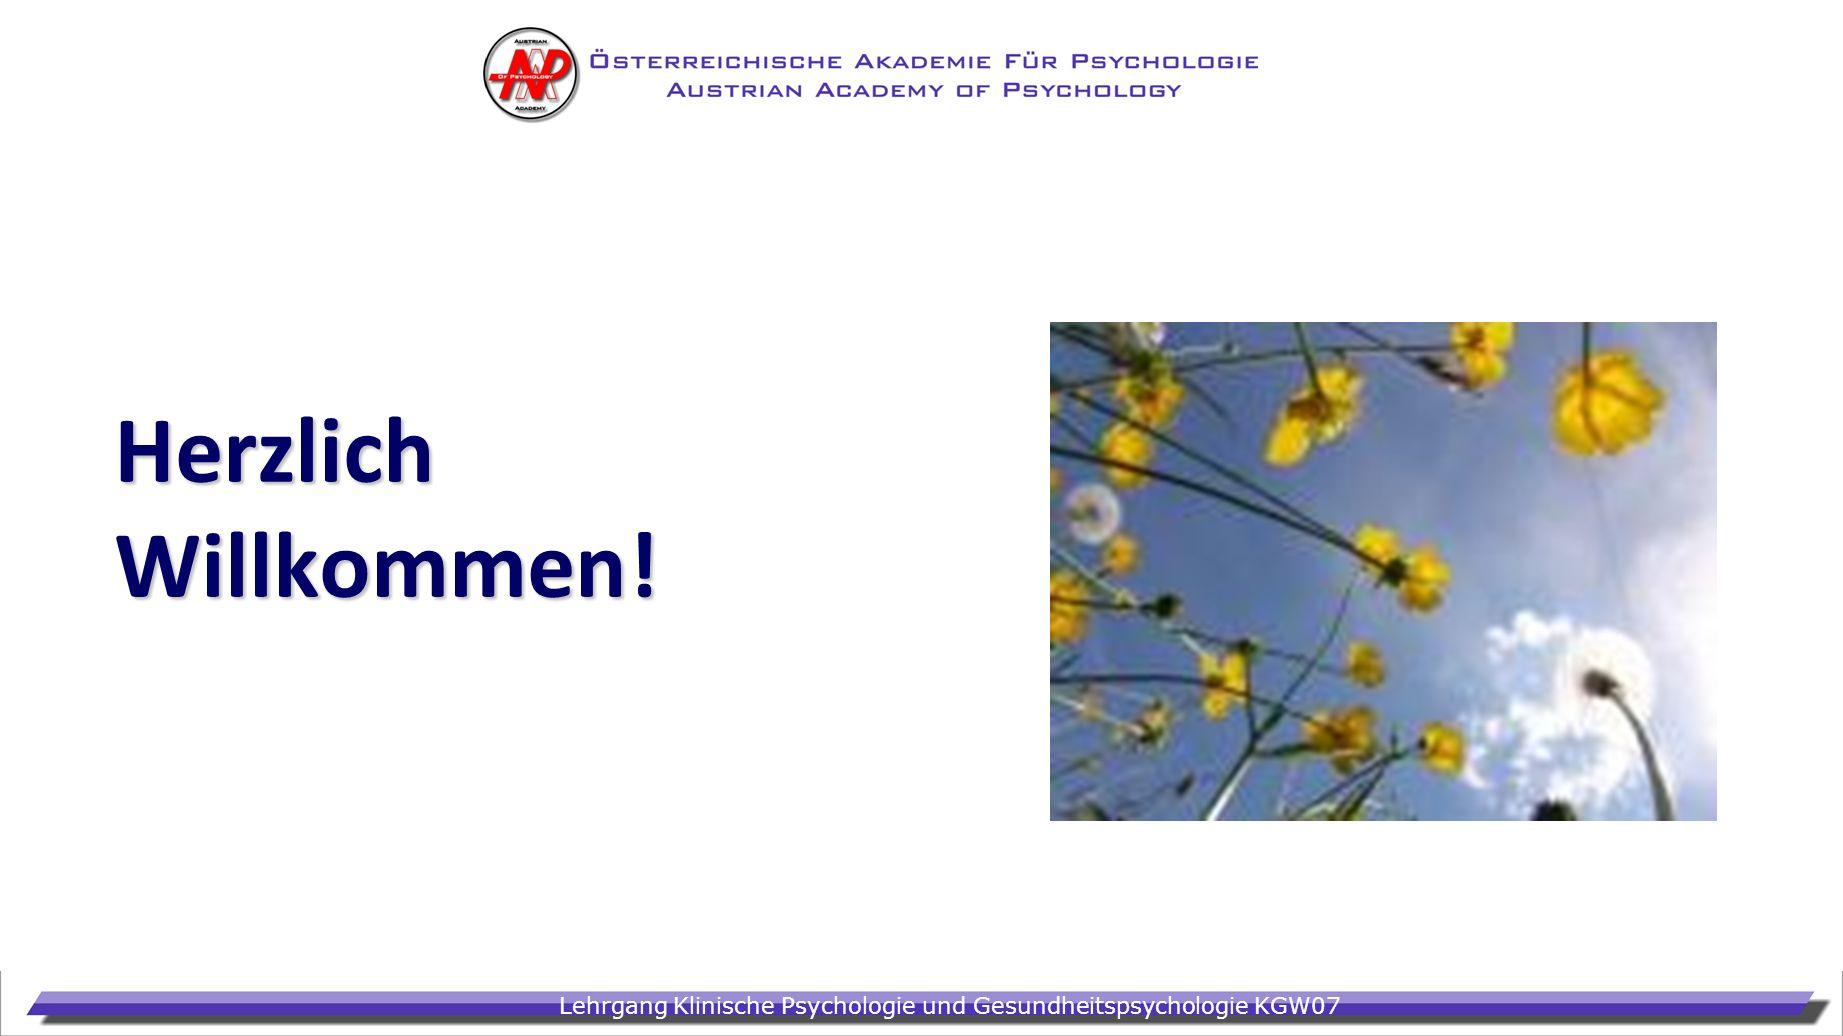 Lehrgang Klinische Psychologie und Gesundheitspsychologie KGW07 Herzlich Willkommen!